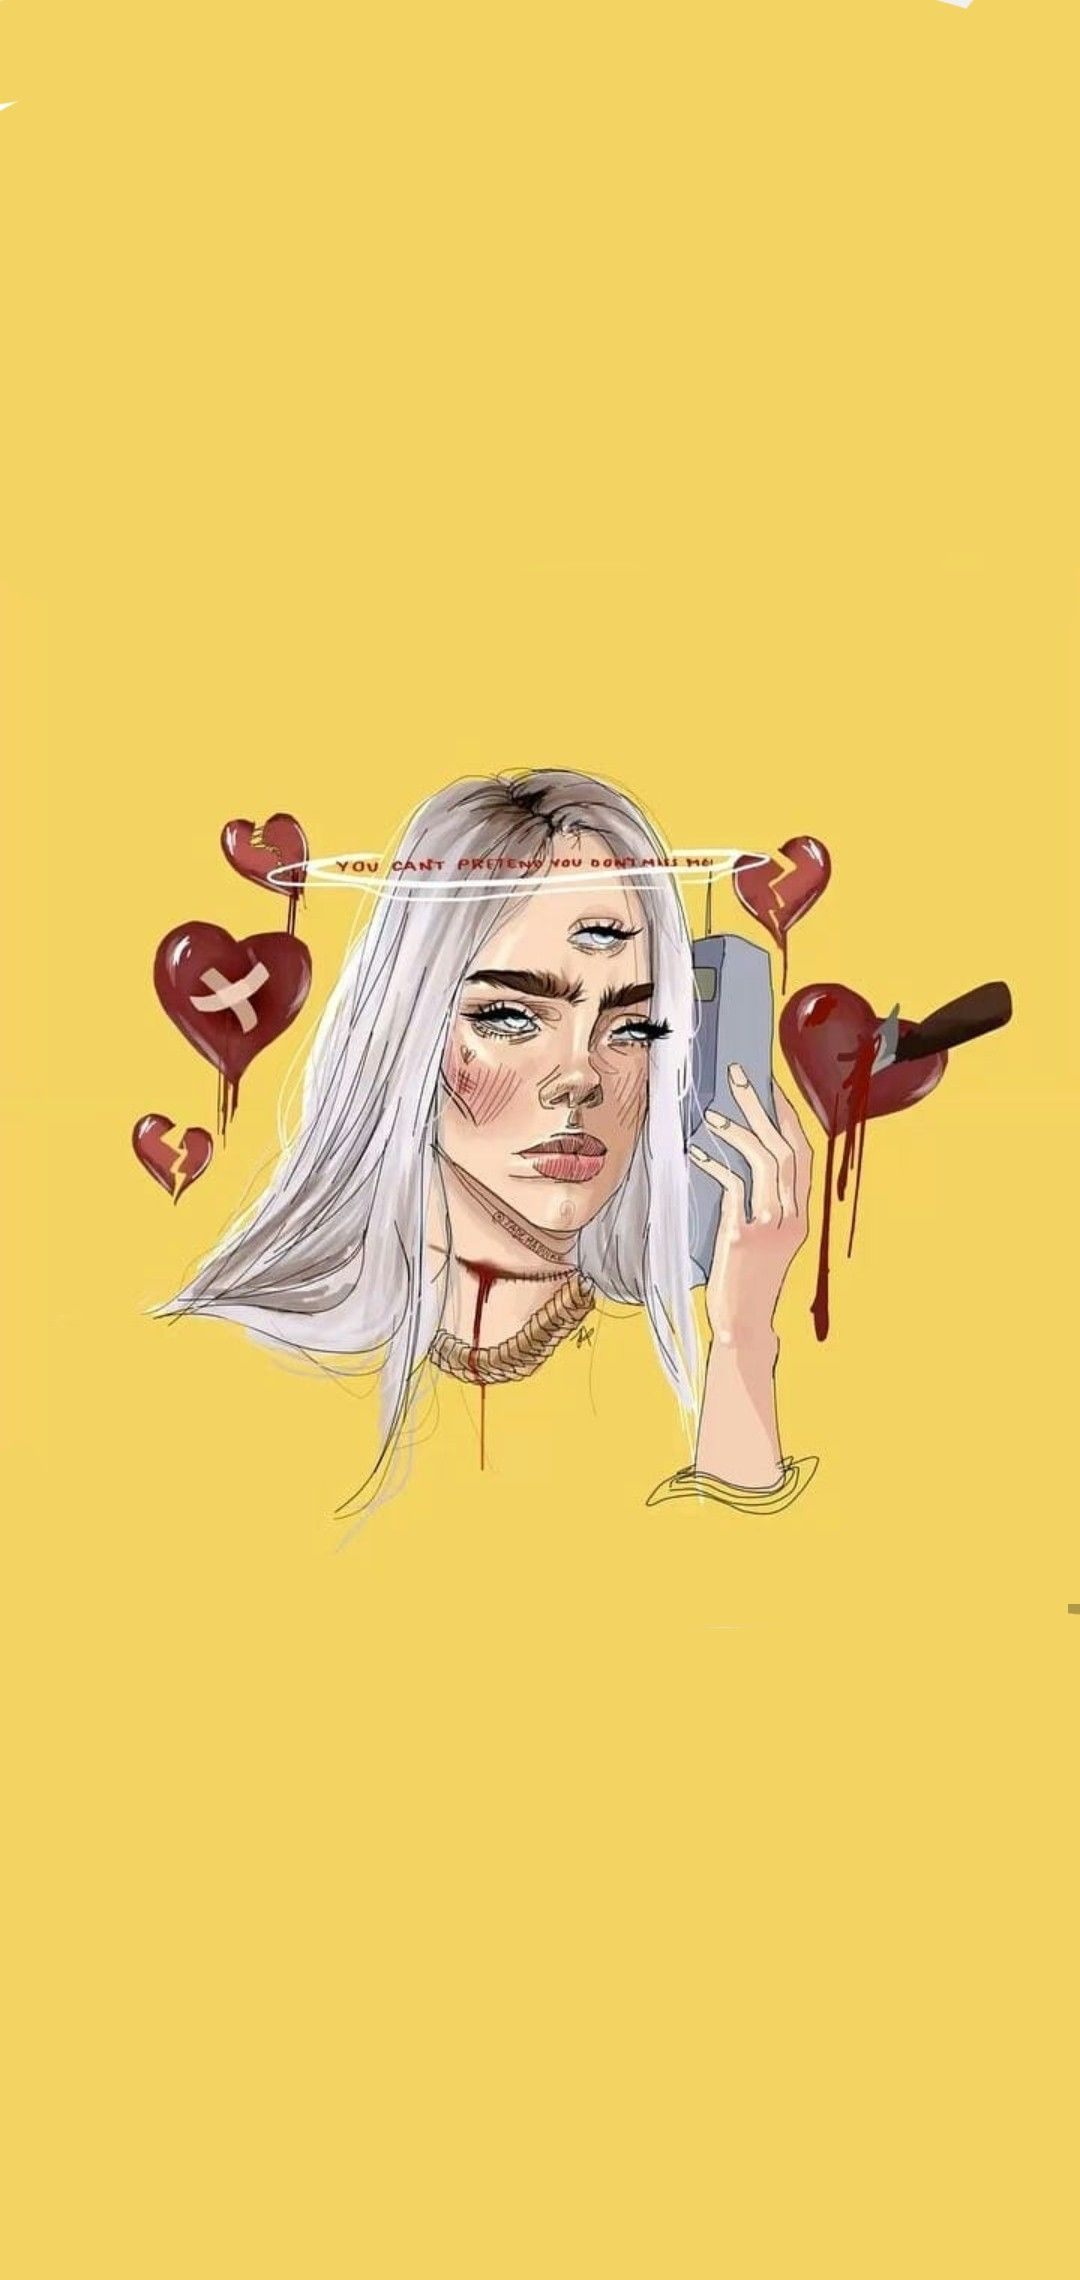 Billie Eilish Wallpapers Top Free Billie Eilish Backgrounds Wallpaperaccess Billie Eilish Billie Art Sketchbook